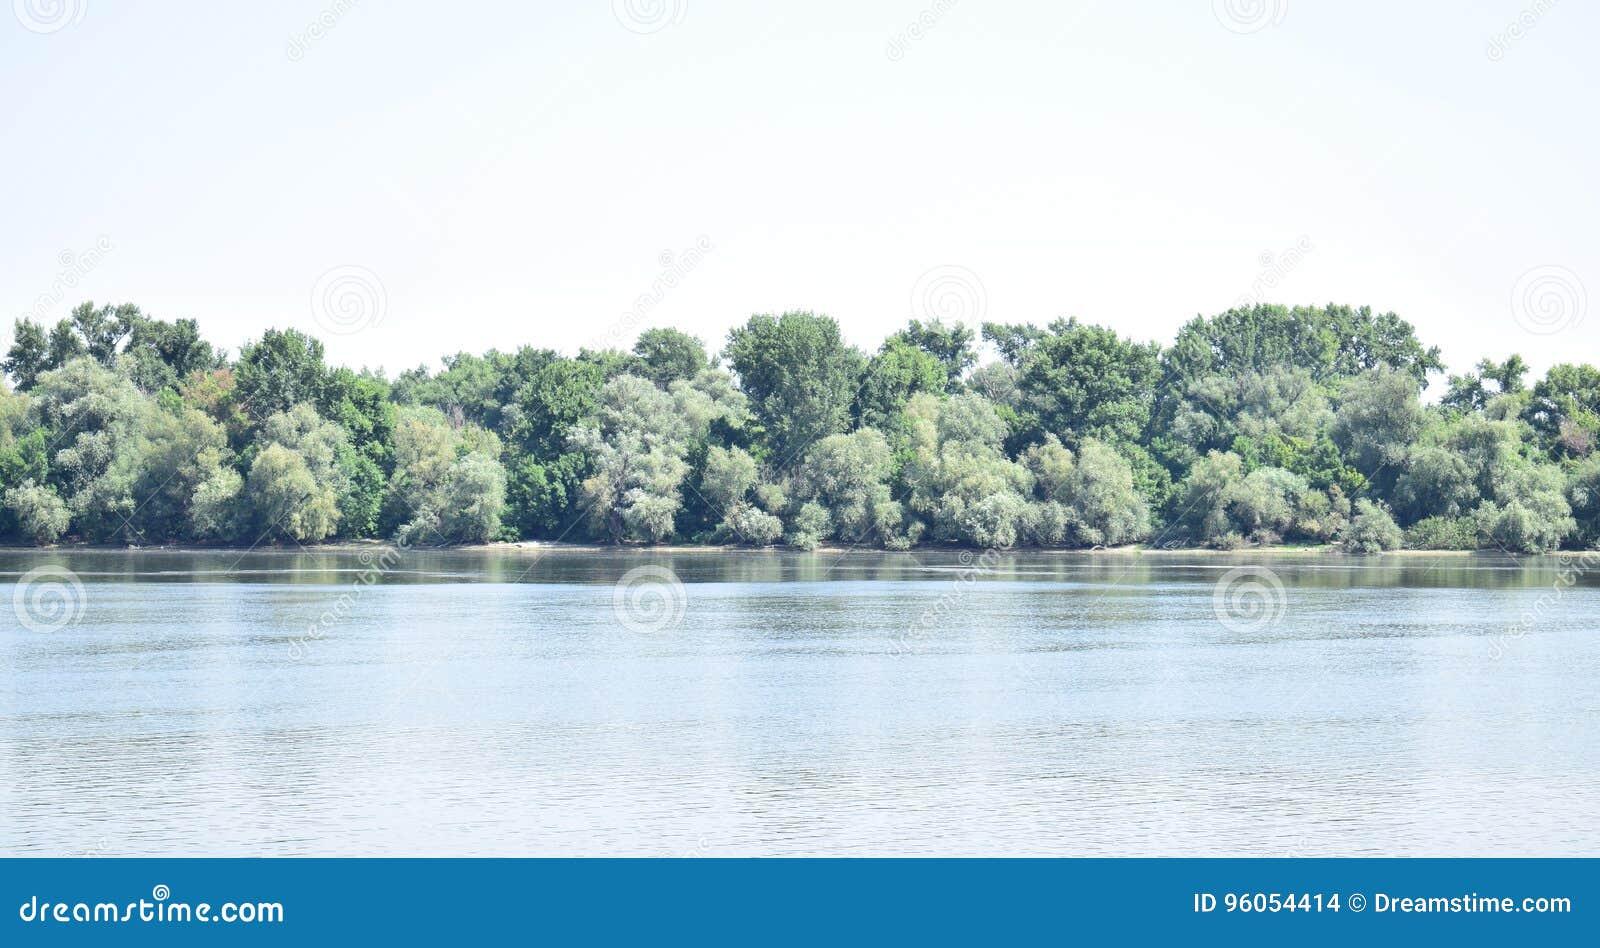 Ciel bleu, arbres verts, rivière bleue